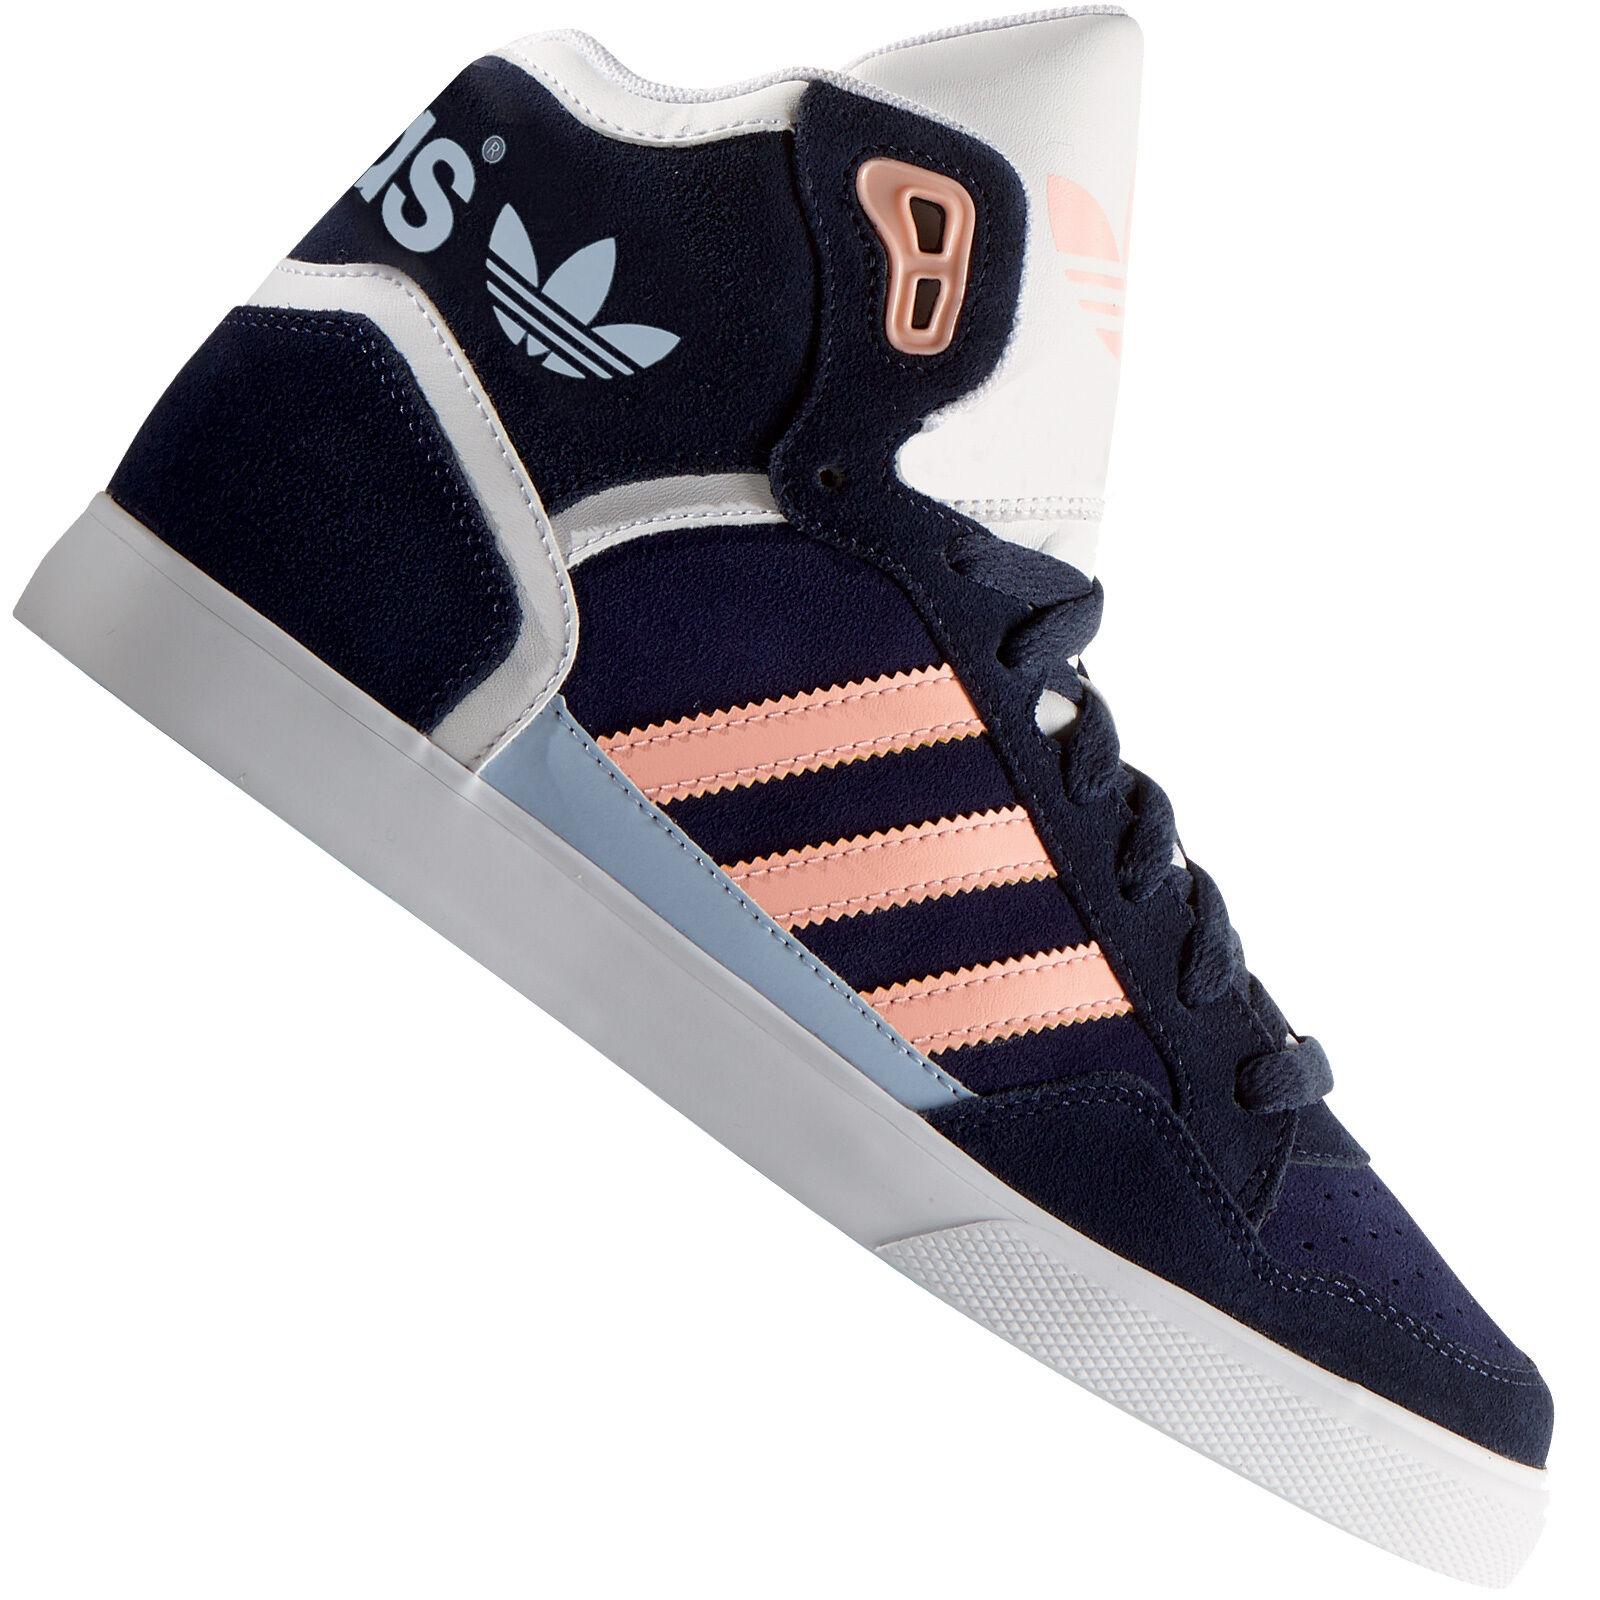 adidas Originals Extaball Damen High NEU Sneaker Turnschuhe Freizeitschuhe NEU High 503e80